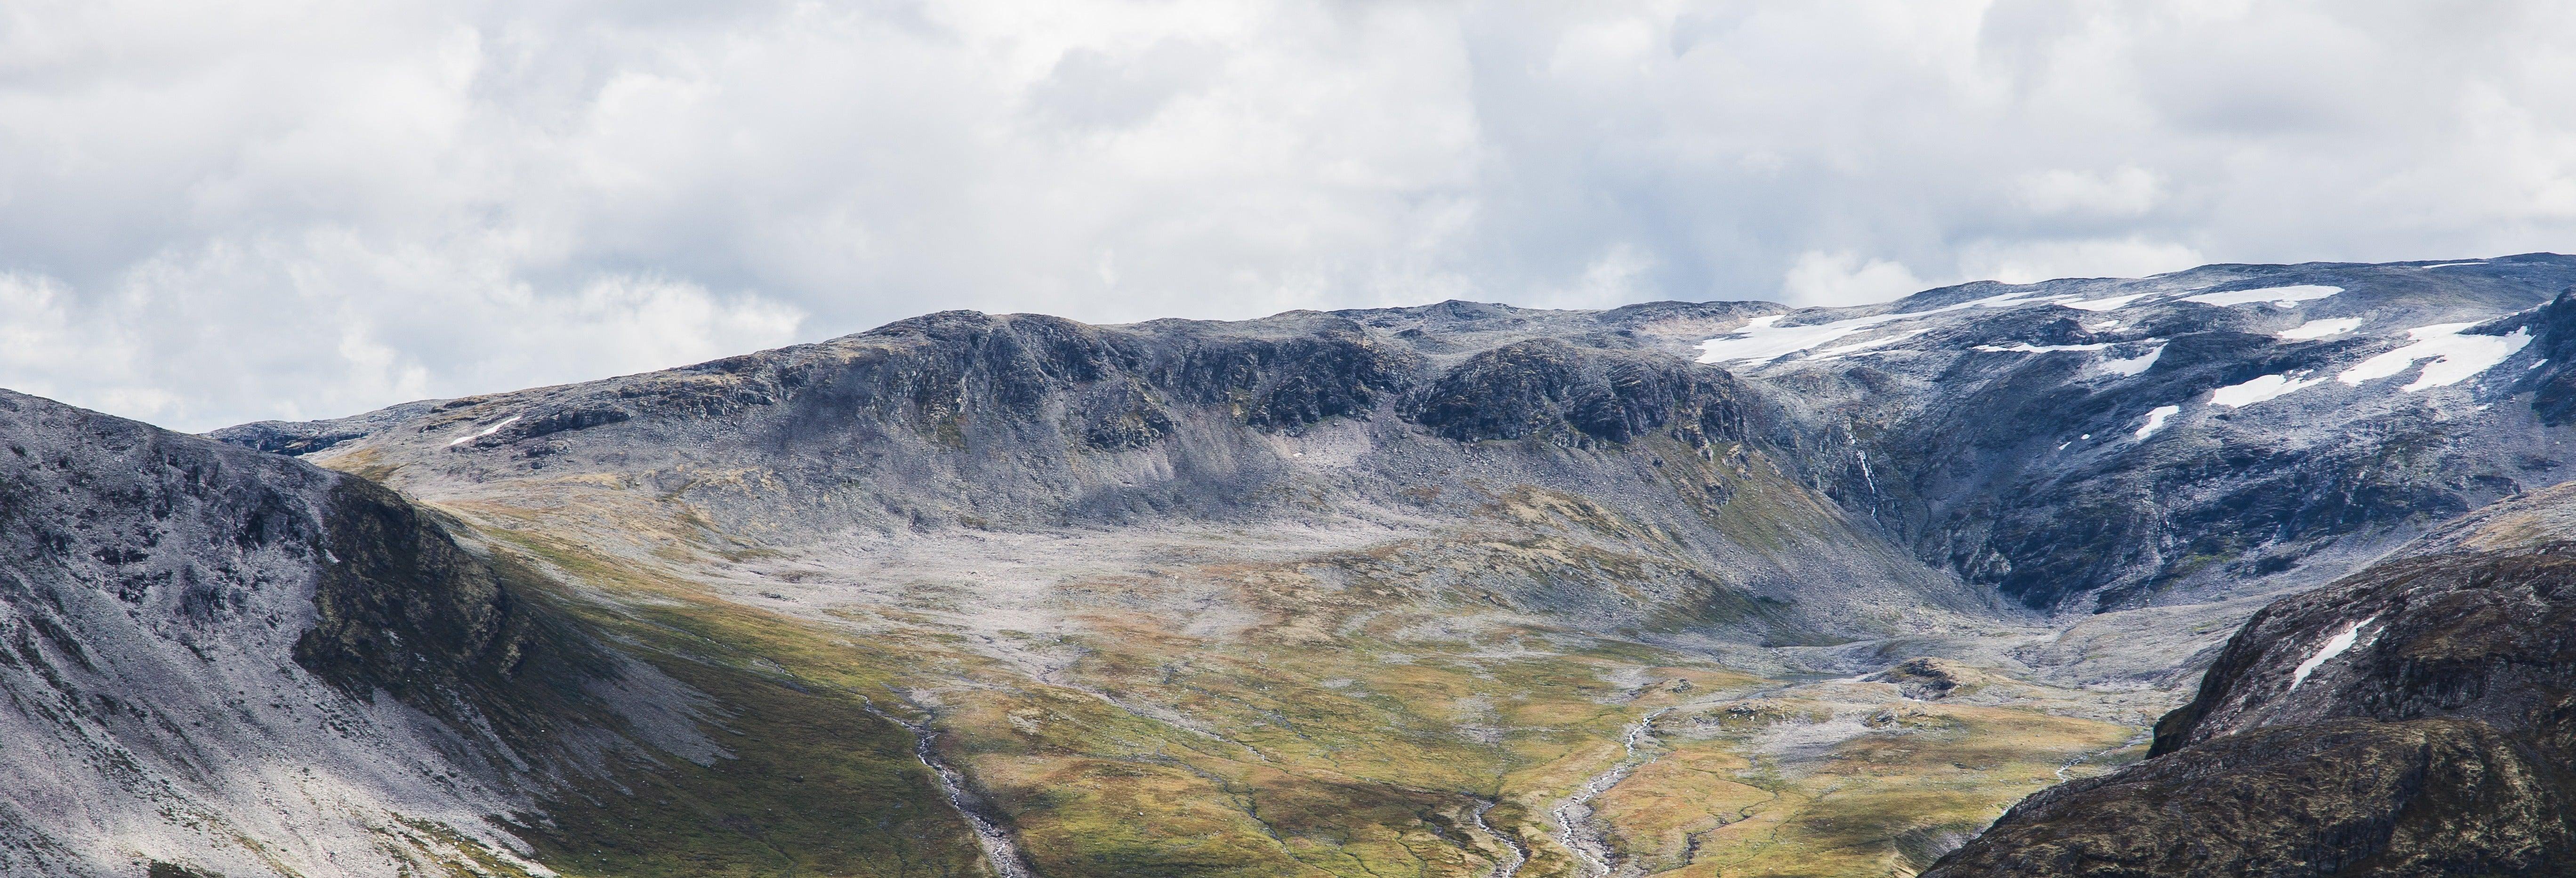 Tour de 7días por los fiordos noruegos